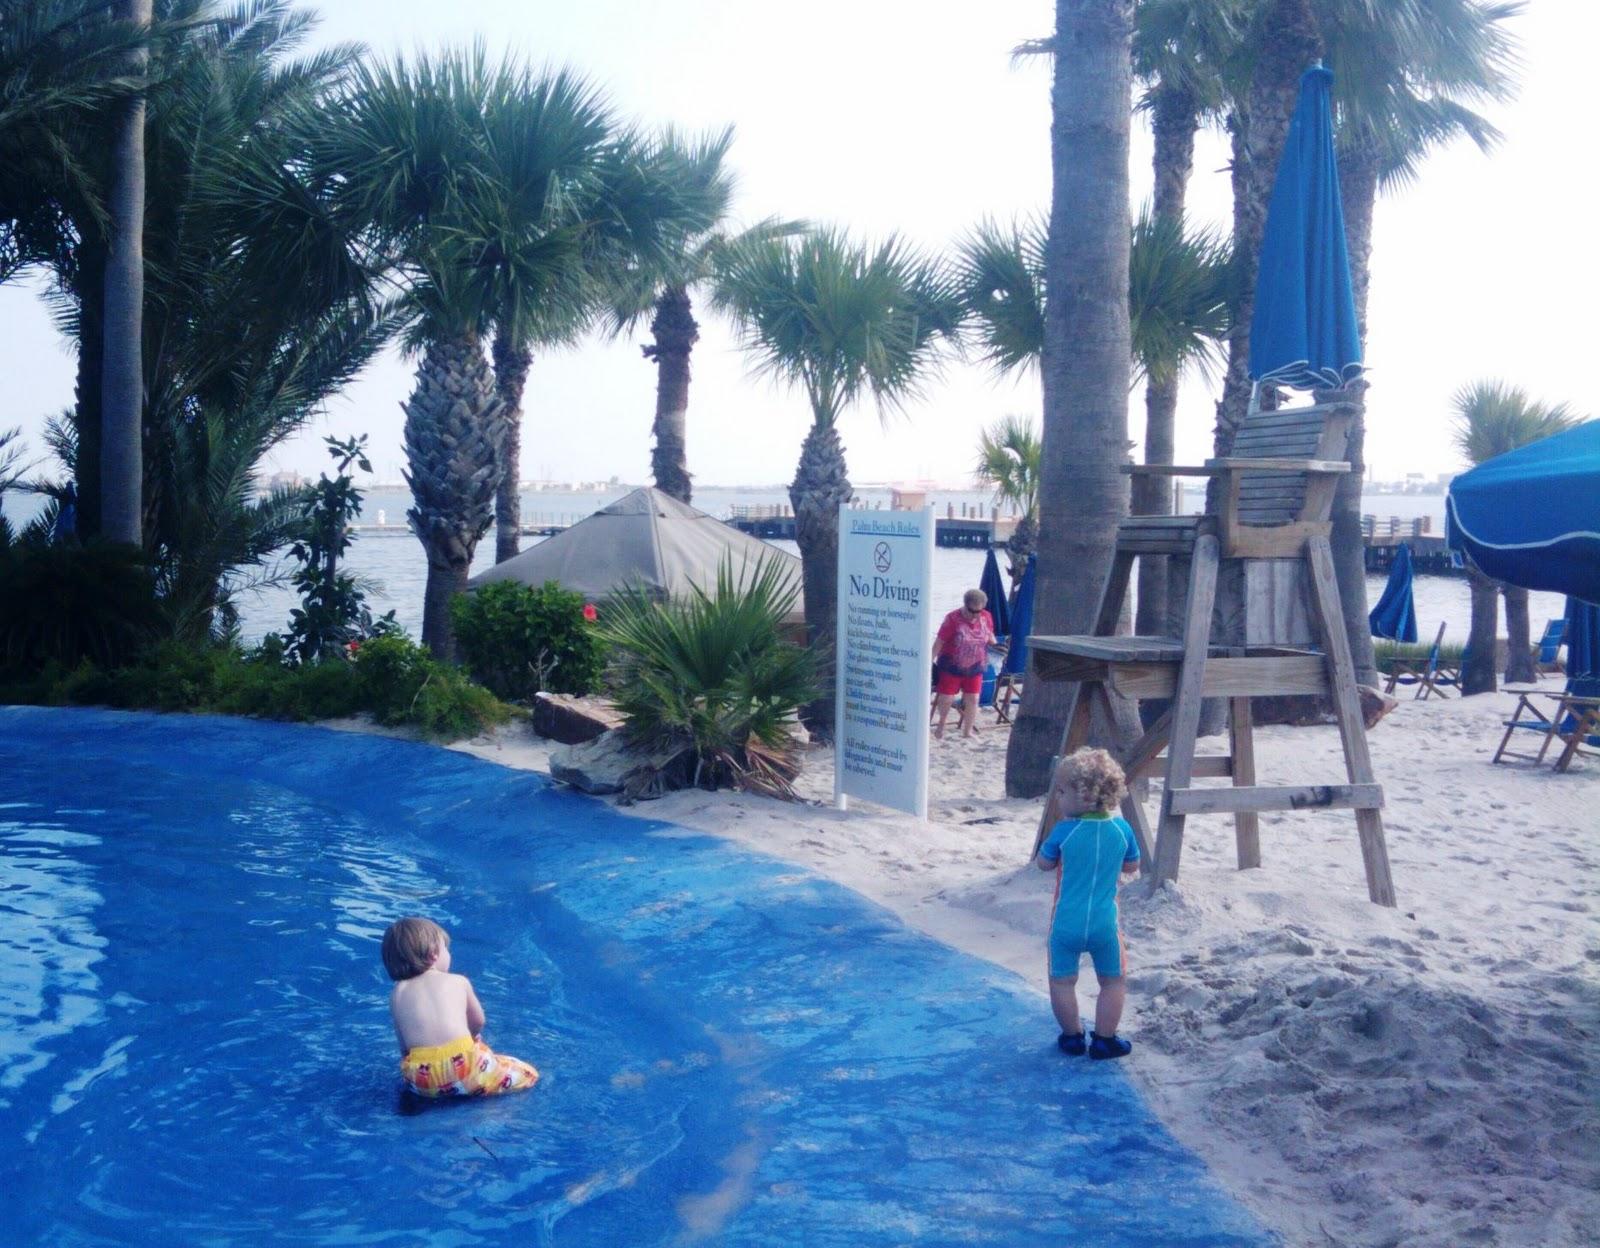 Palm Beach Moody Gardens Groupon Garden Ftempo